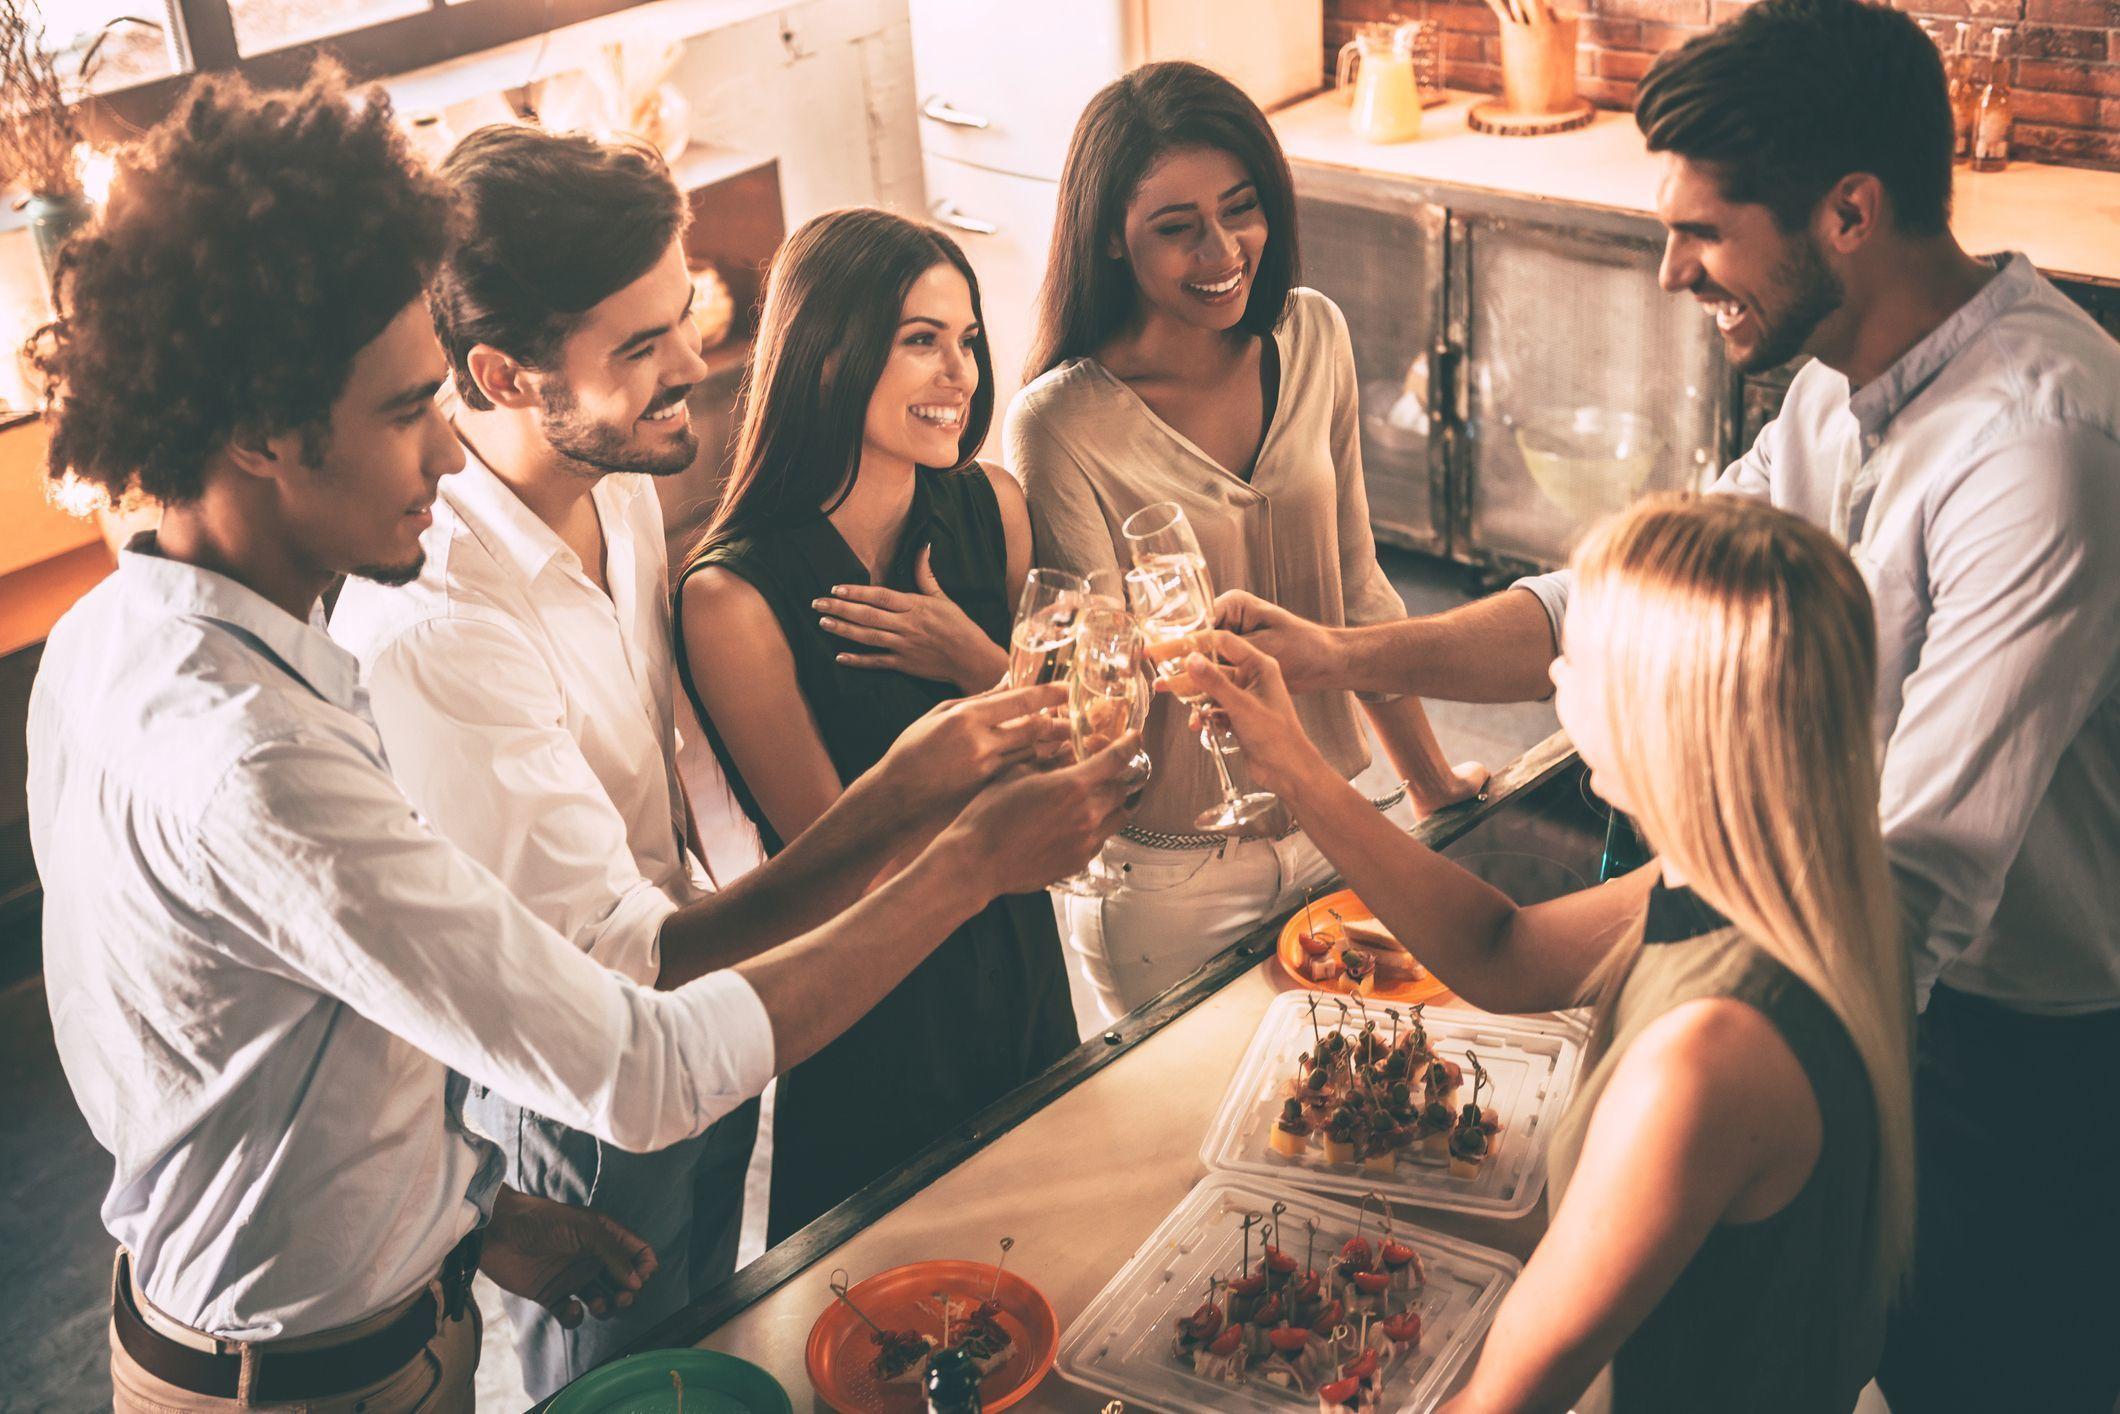 【体験談あり】個室の婚活パーティーって何が良いの?パーティーの流れ・攻略方法とは